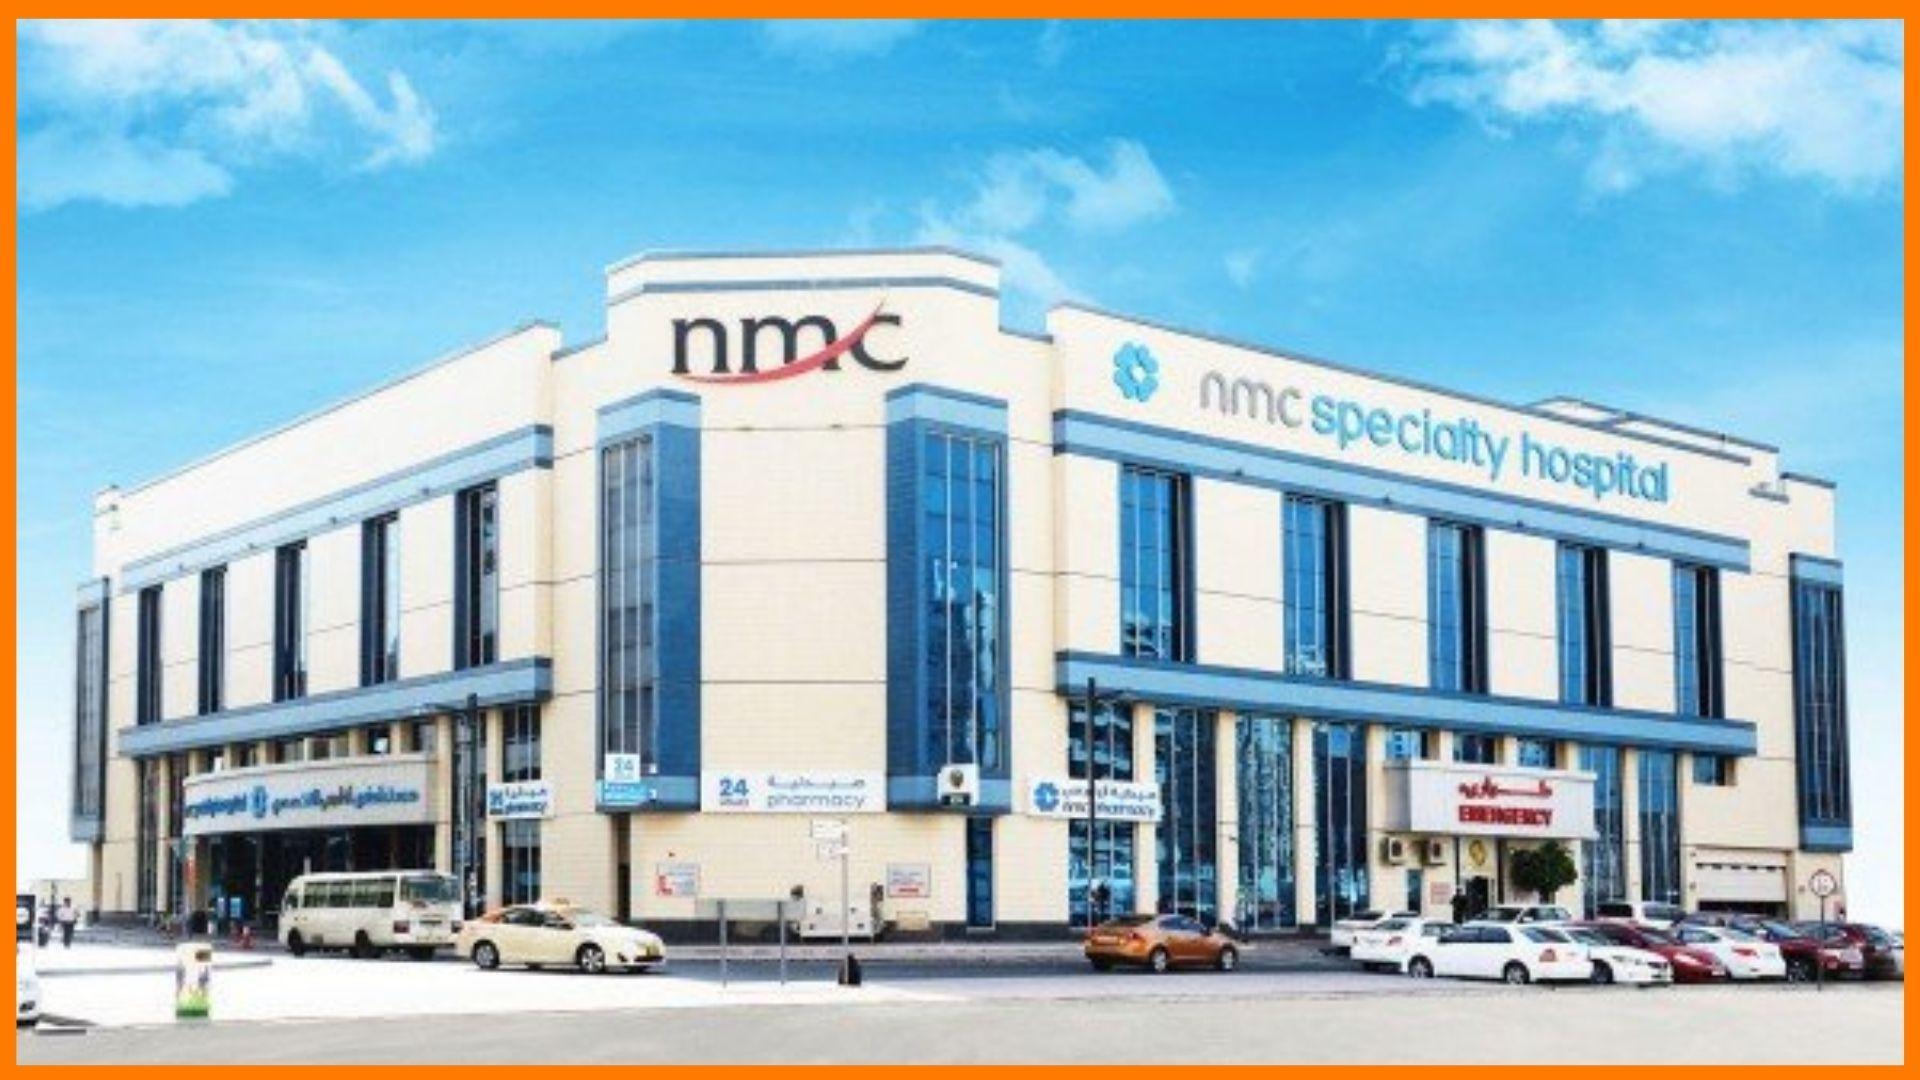 NMC located in Dubai